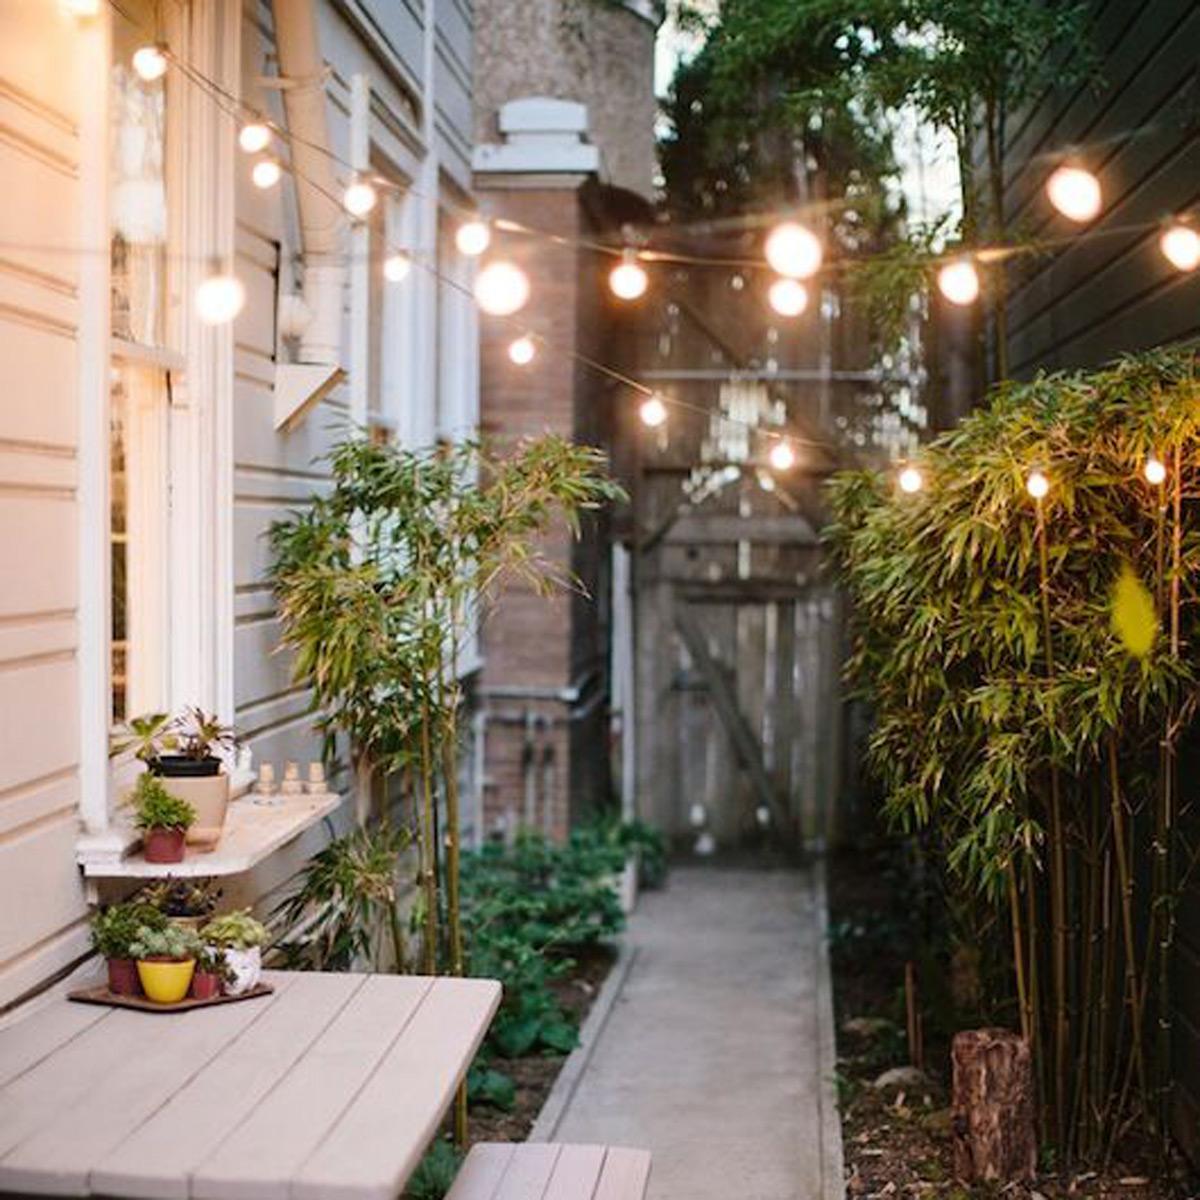 8 Inspiring Small Garden Ideas Garden Tips Good